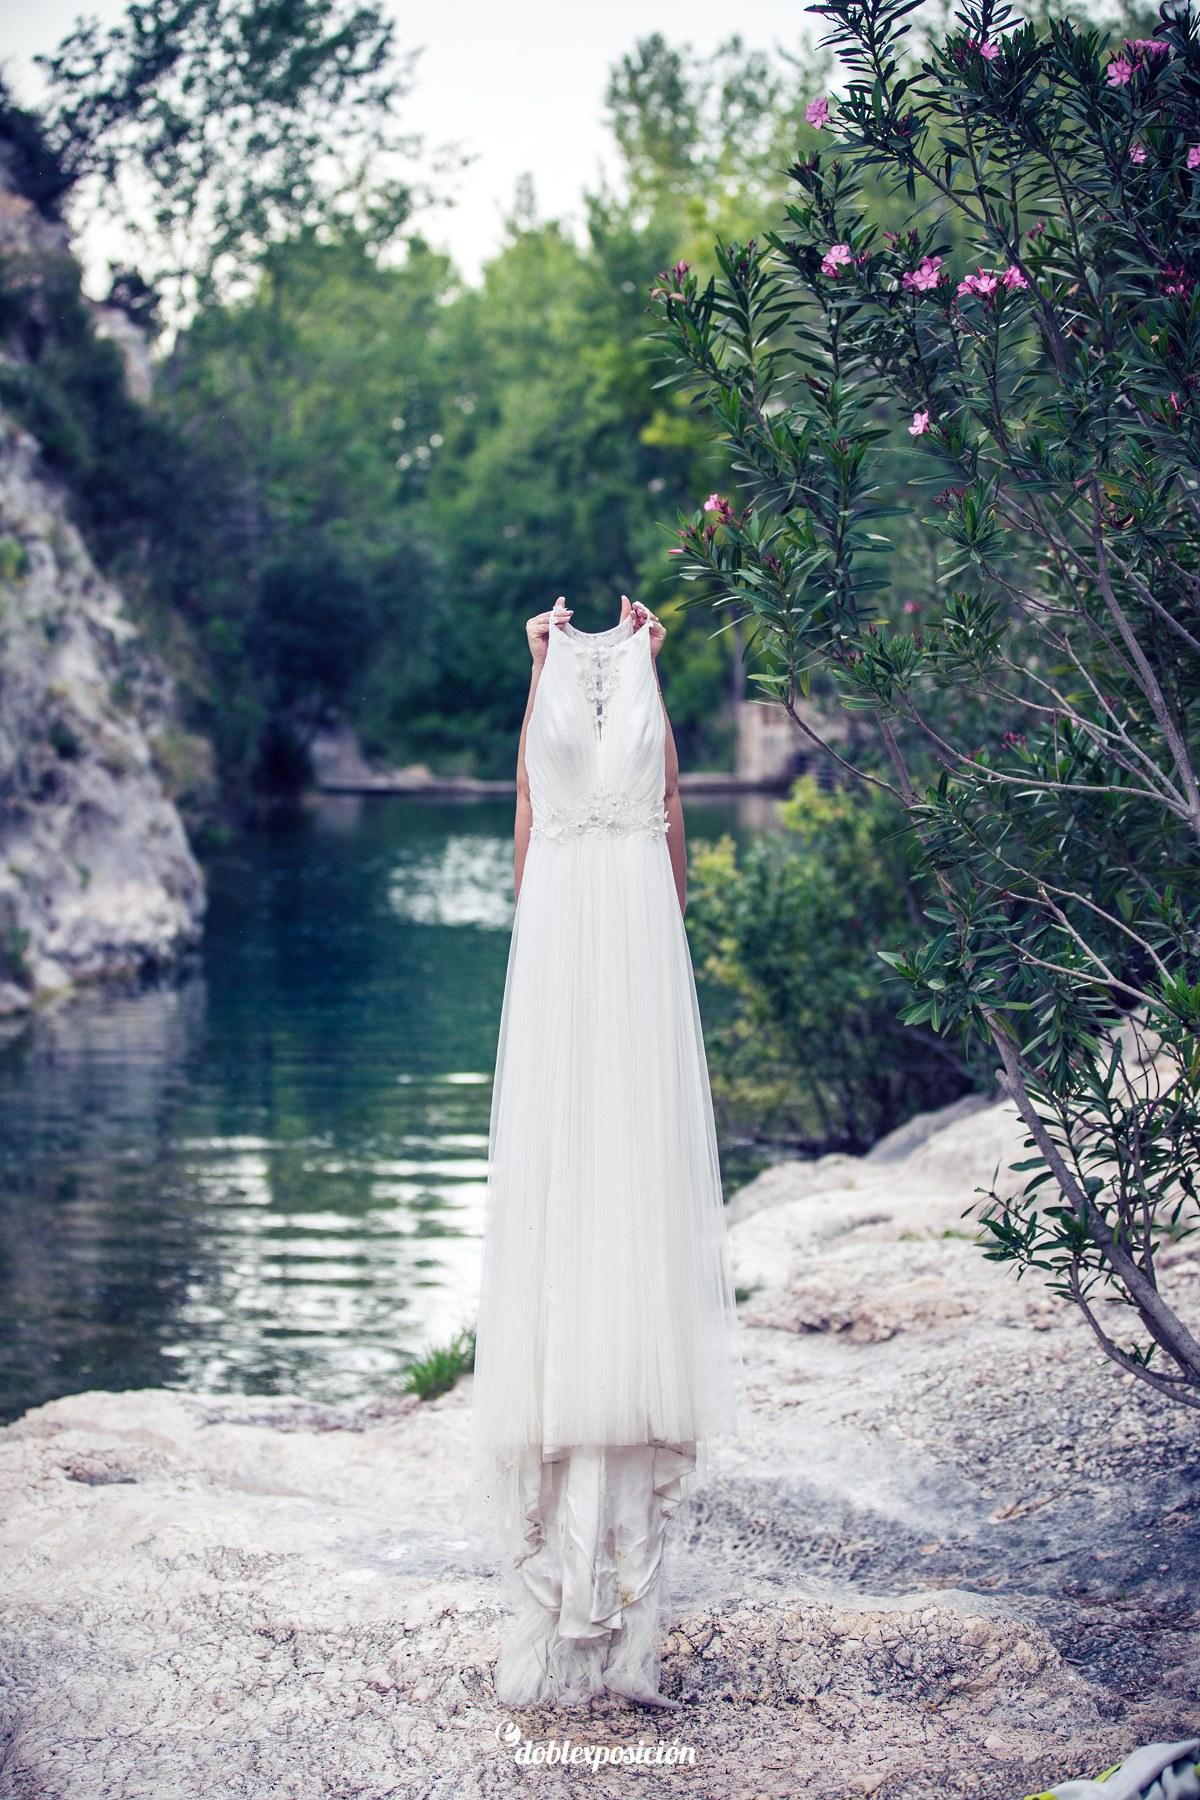 fotografos-boda-postboda-pouclar-finca-elche-alicante_0016